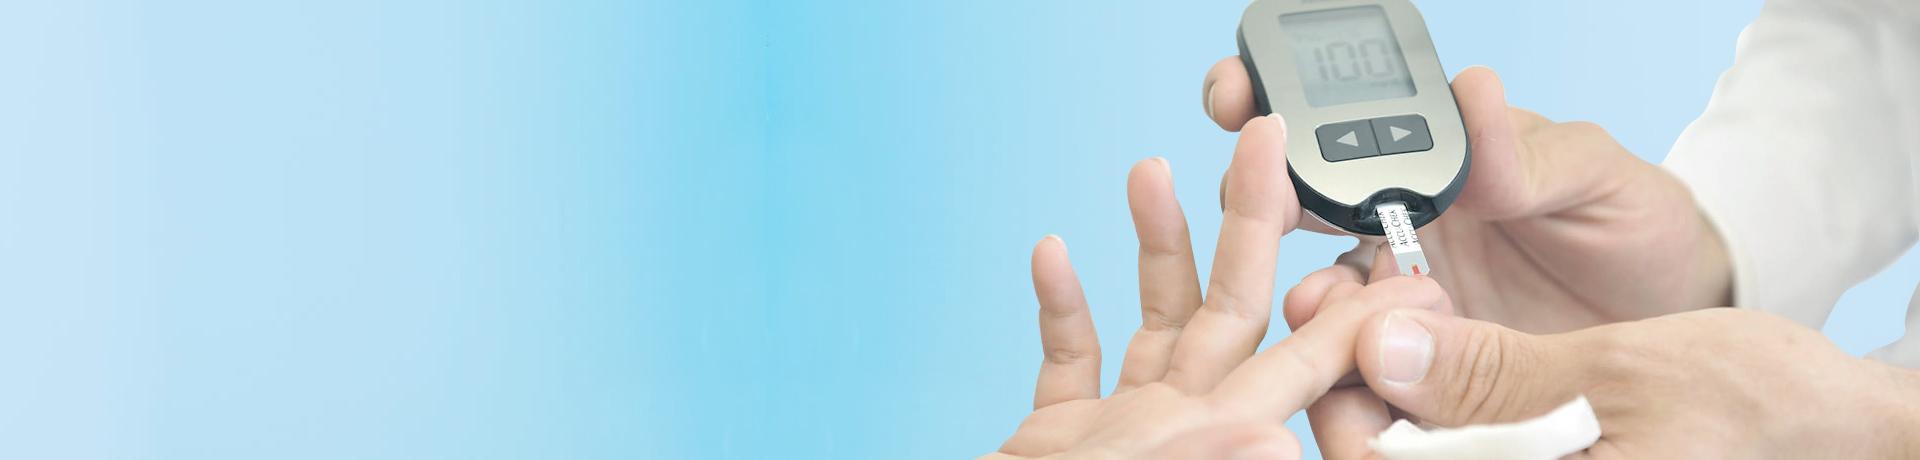 endocrino-monicacabral_especialidade-diebetes